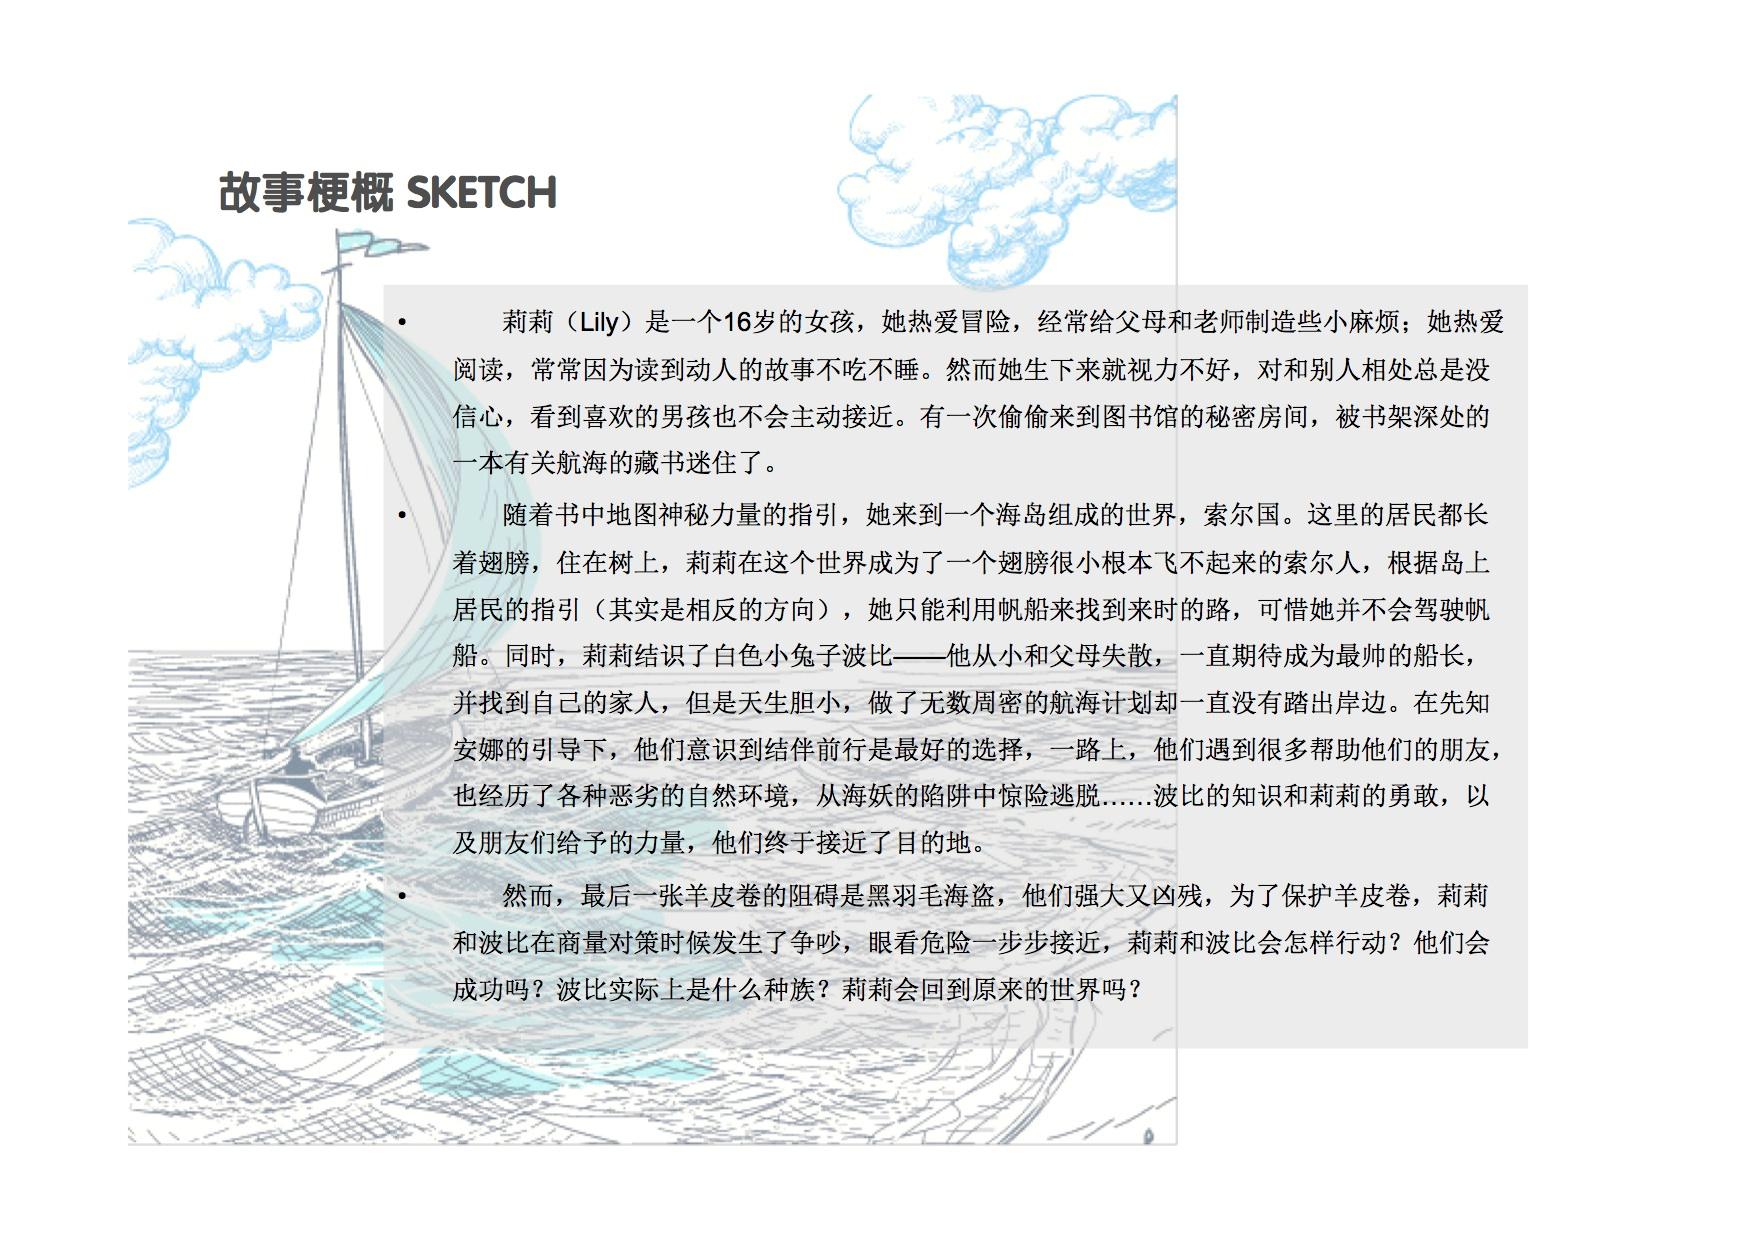 徐莉佳,帆船 一起来支持徐莉佳帆船漫画系列书 绘本帆船创作企划案20.jpg